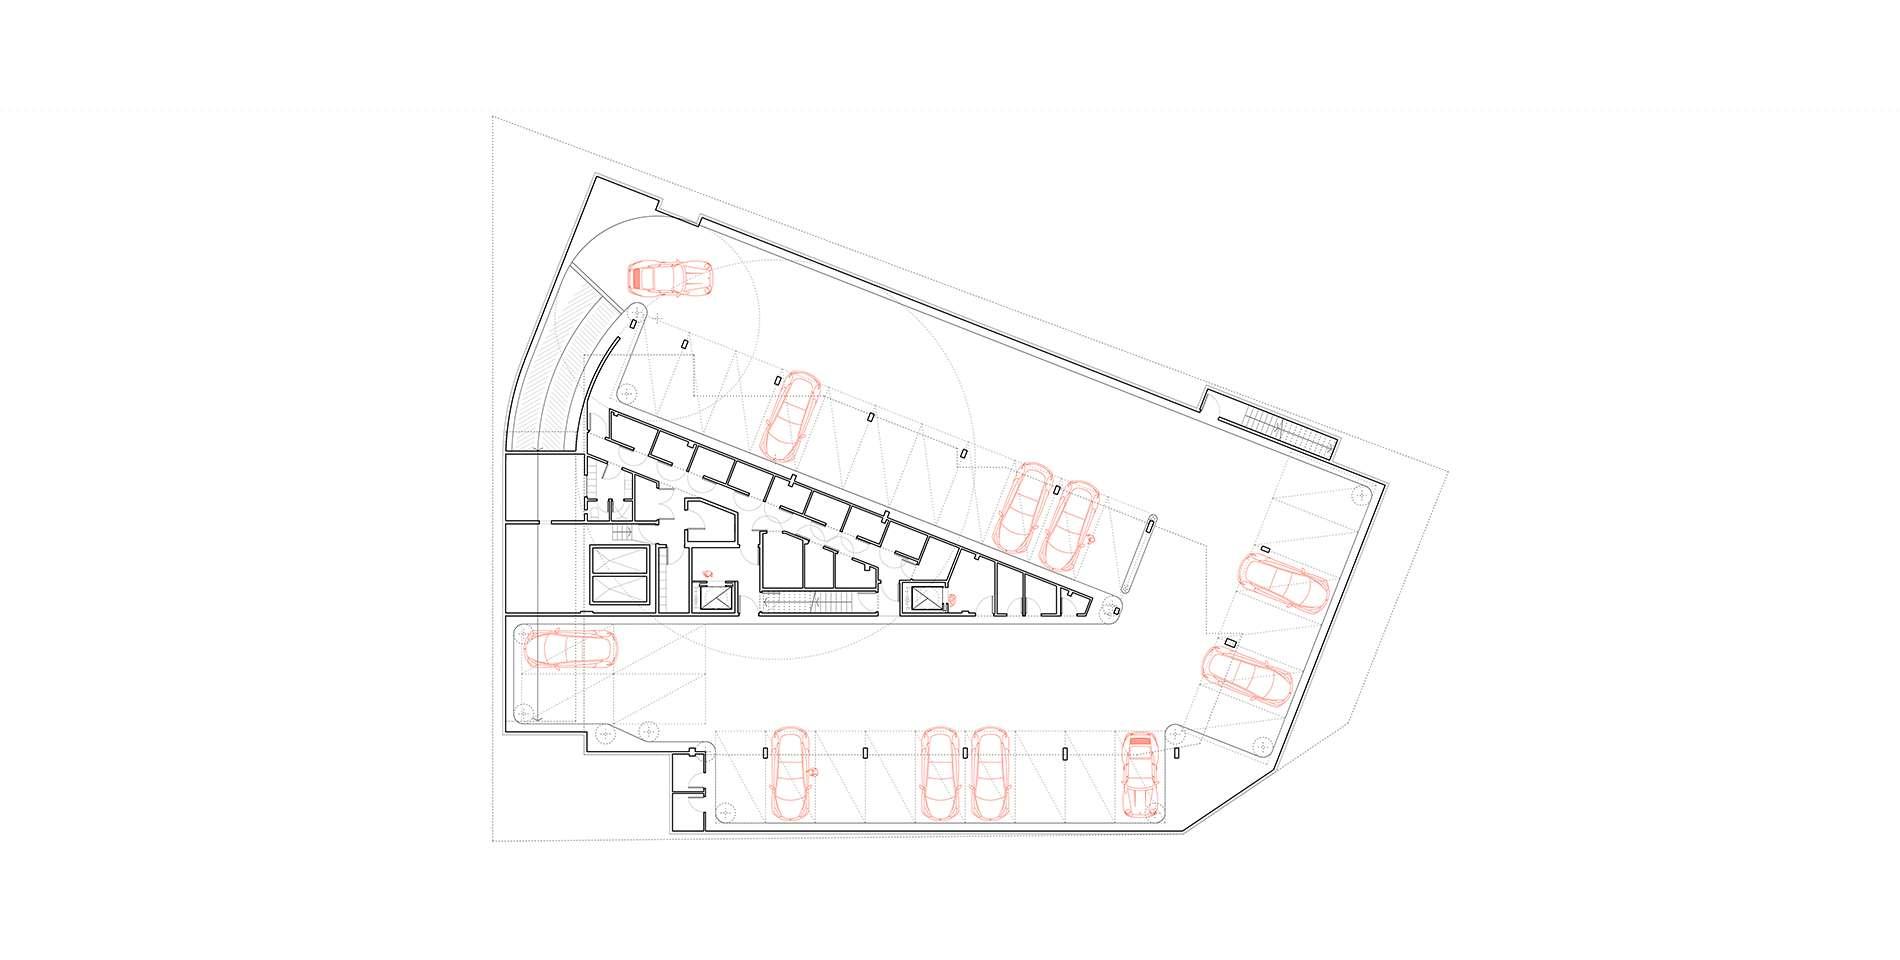 concurso-privado-40-viviendas-en-adrogue-28